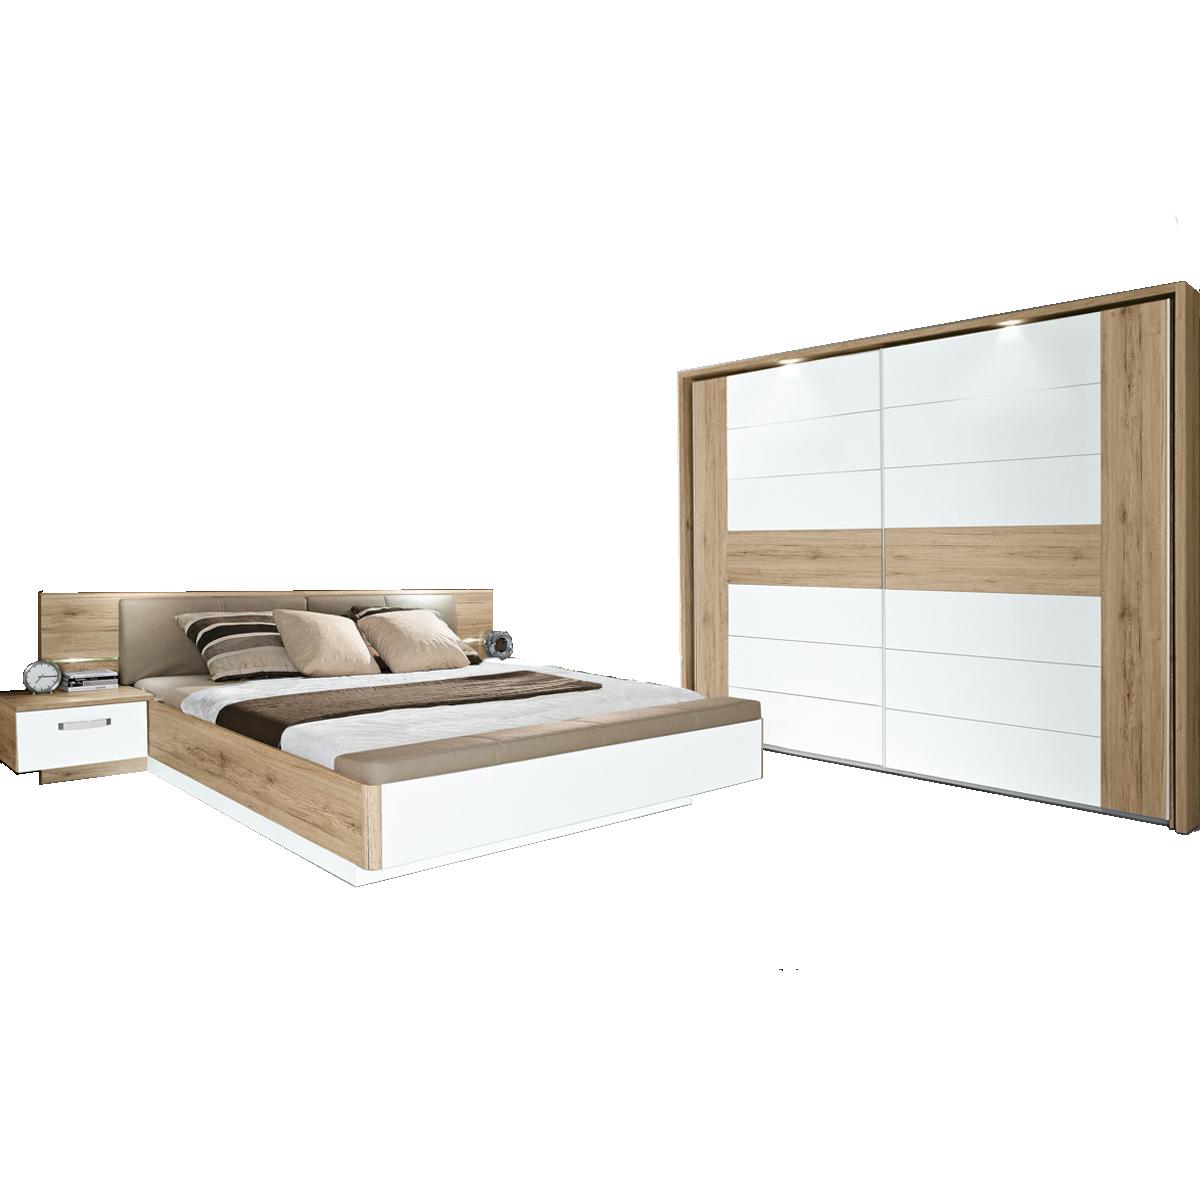 Forte Schlafzimmer Rondino 13-teilig bestehend aus Bettanlage RDNL13B  Liegefläche ca. 13x1300cm und Schwebetürenschrank 13-türig Bett inkl. ...